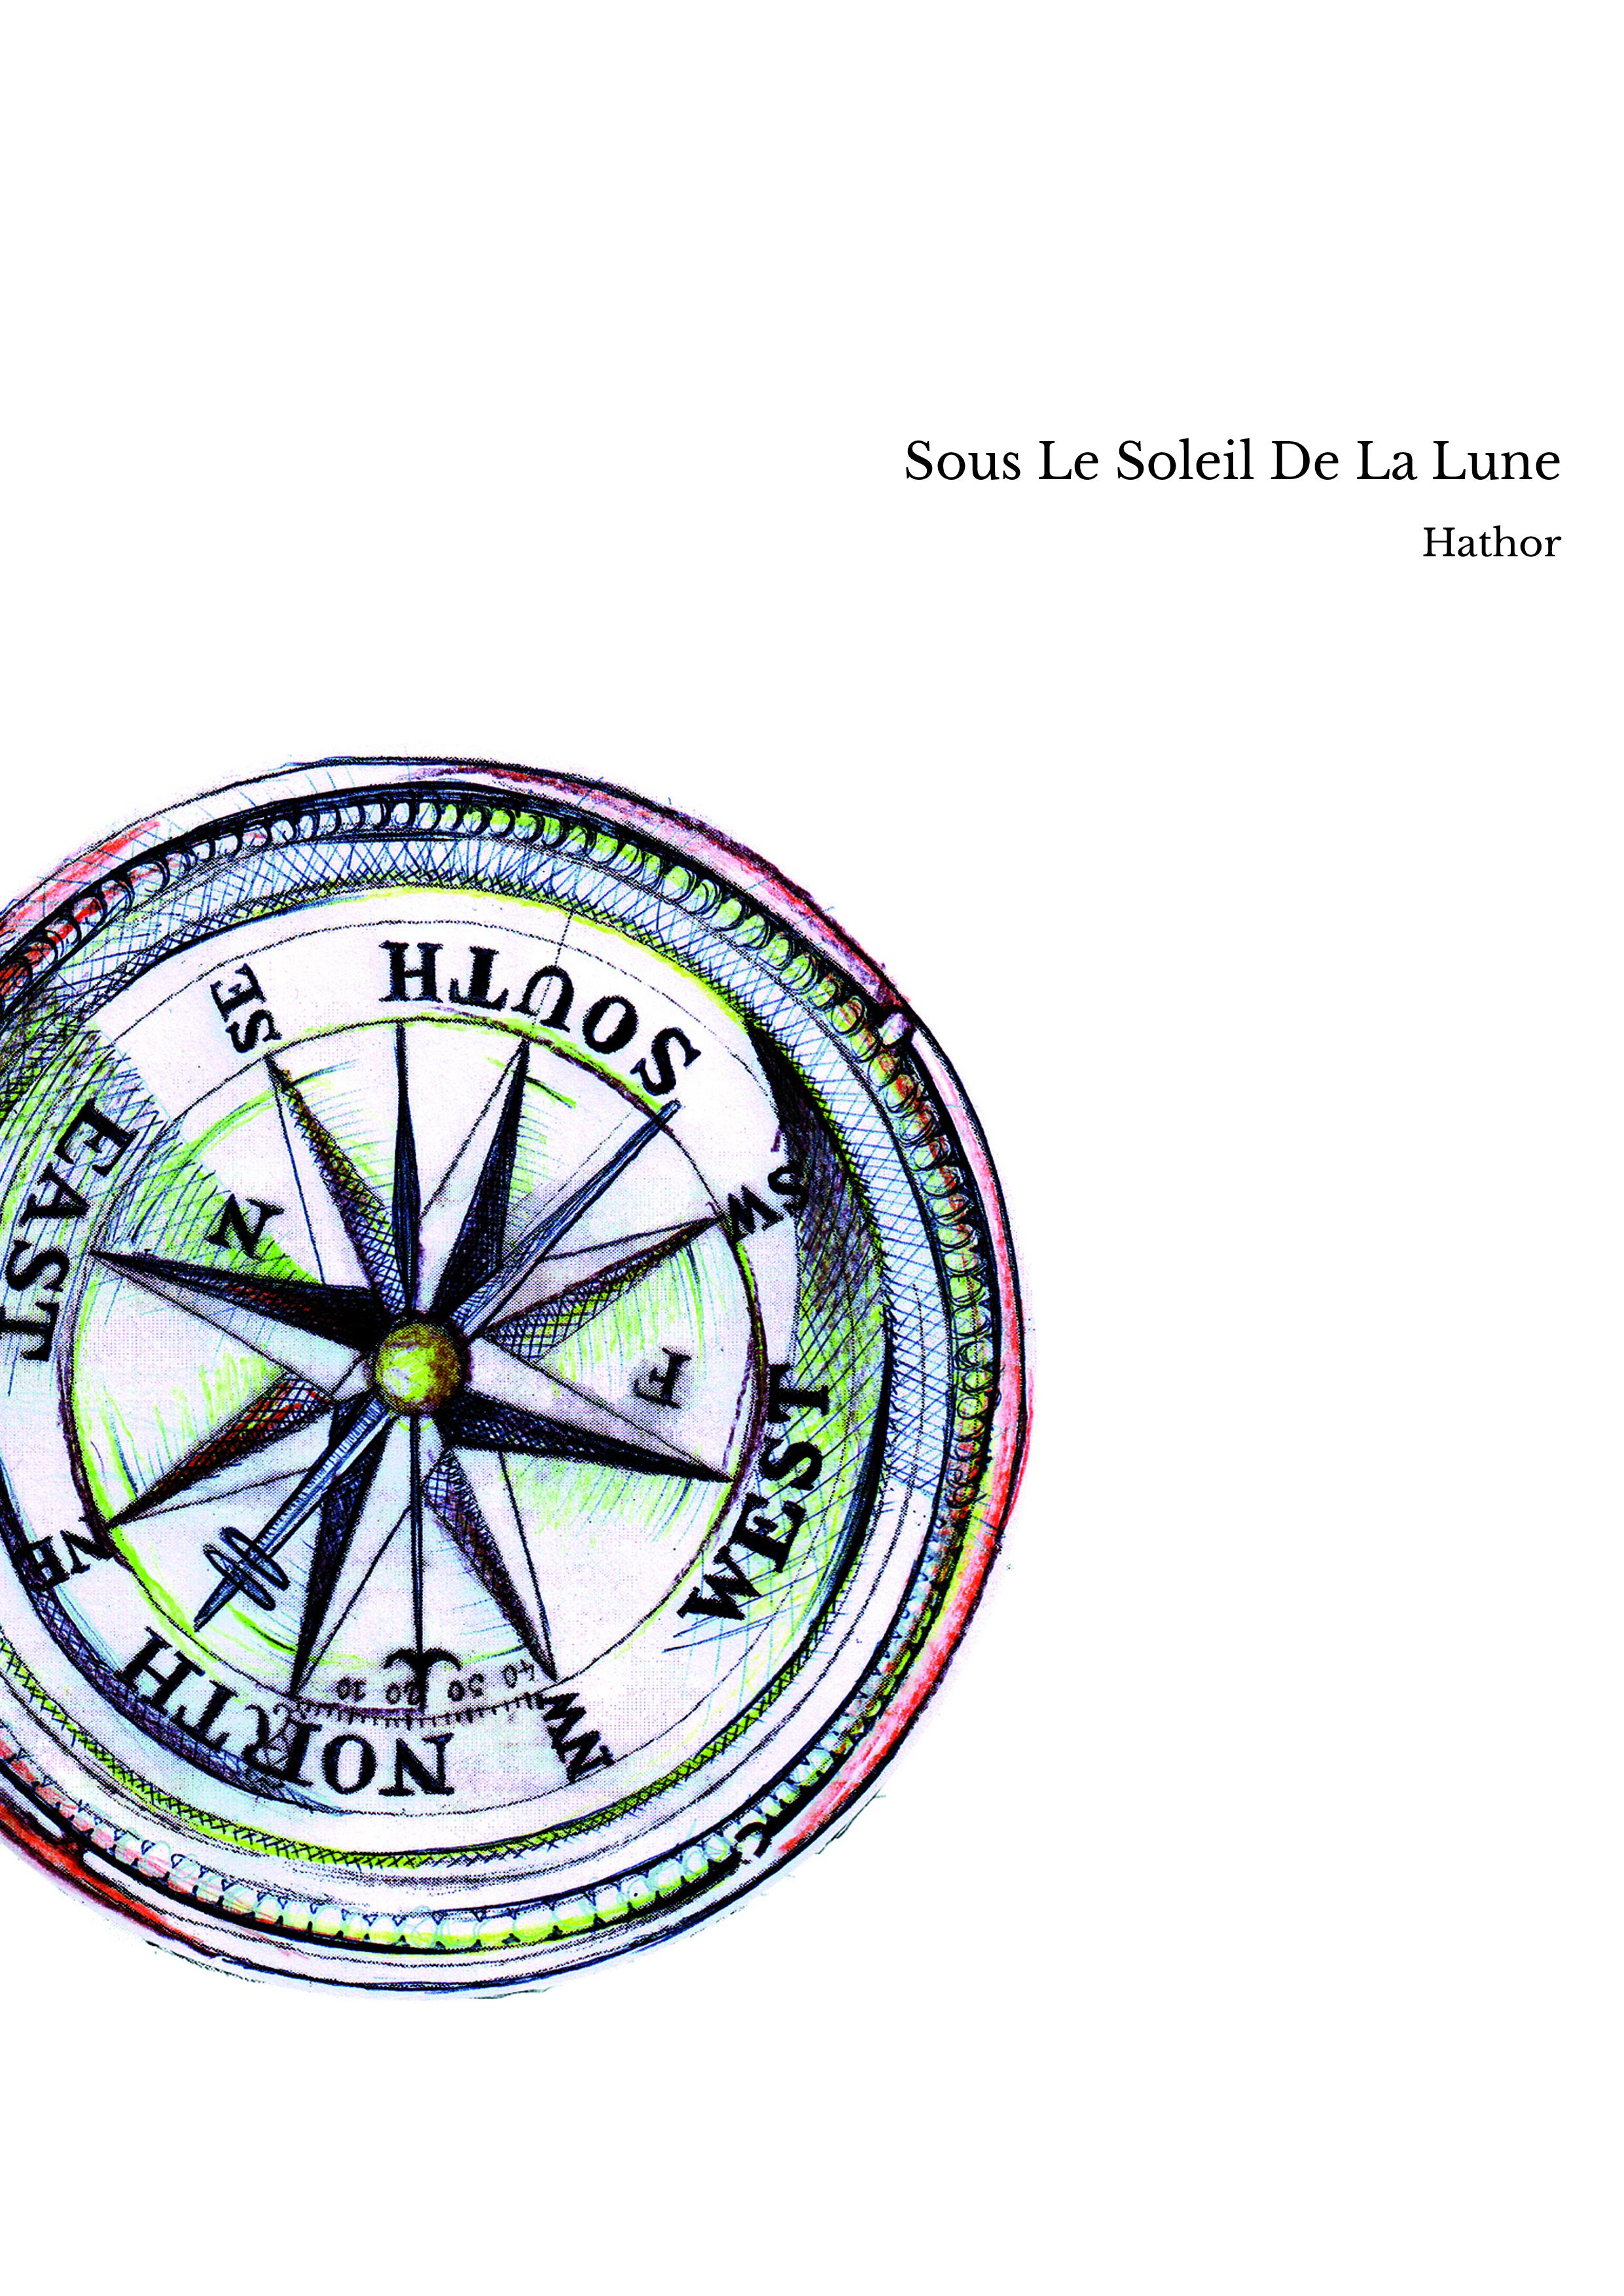 2b19a836870092 Sous Le Soleil De La Lune - Hathor